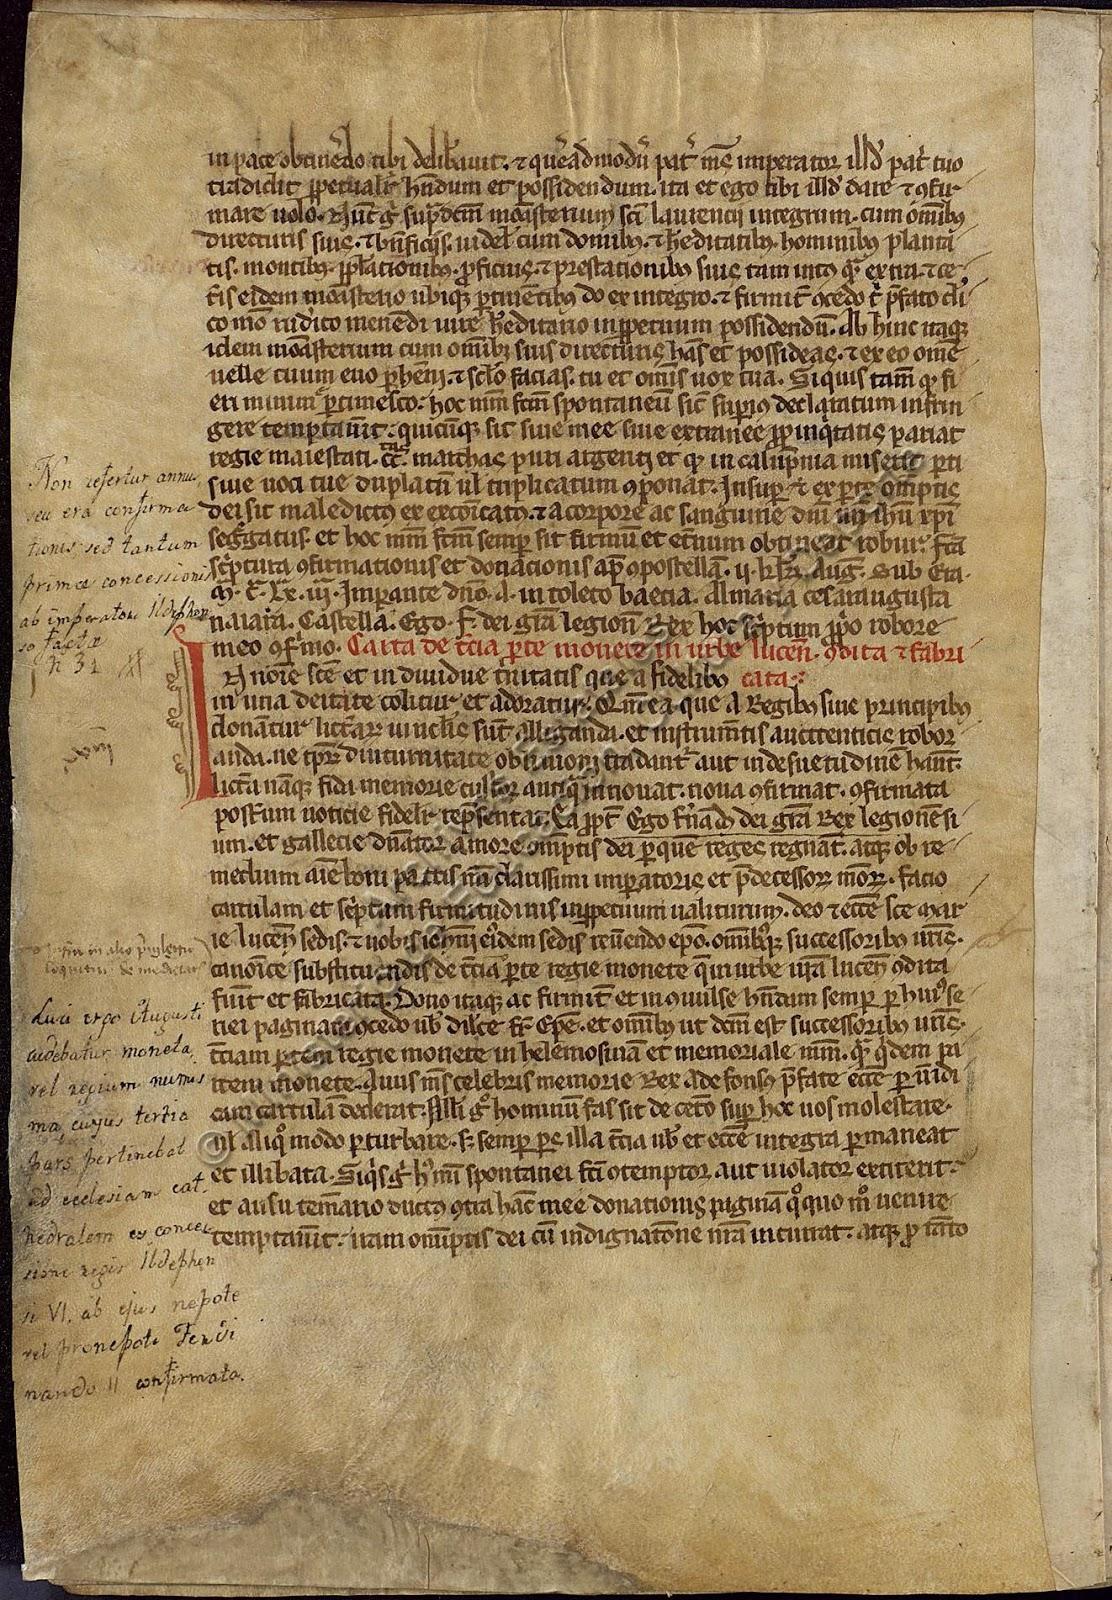 Actriz Porno Hayib numismatica medieval  latest snapshot, chan:11956545